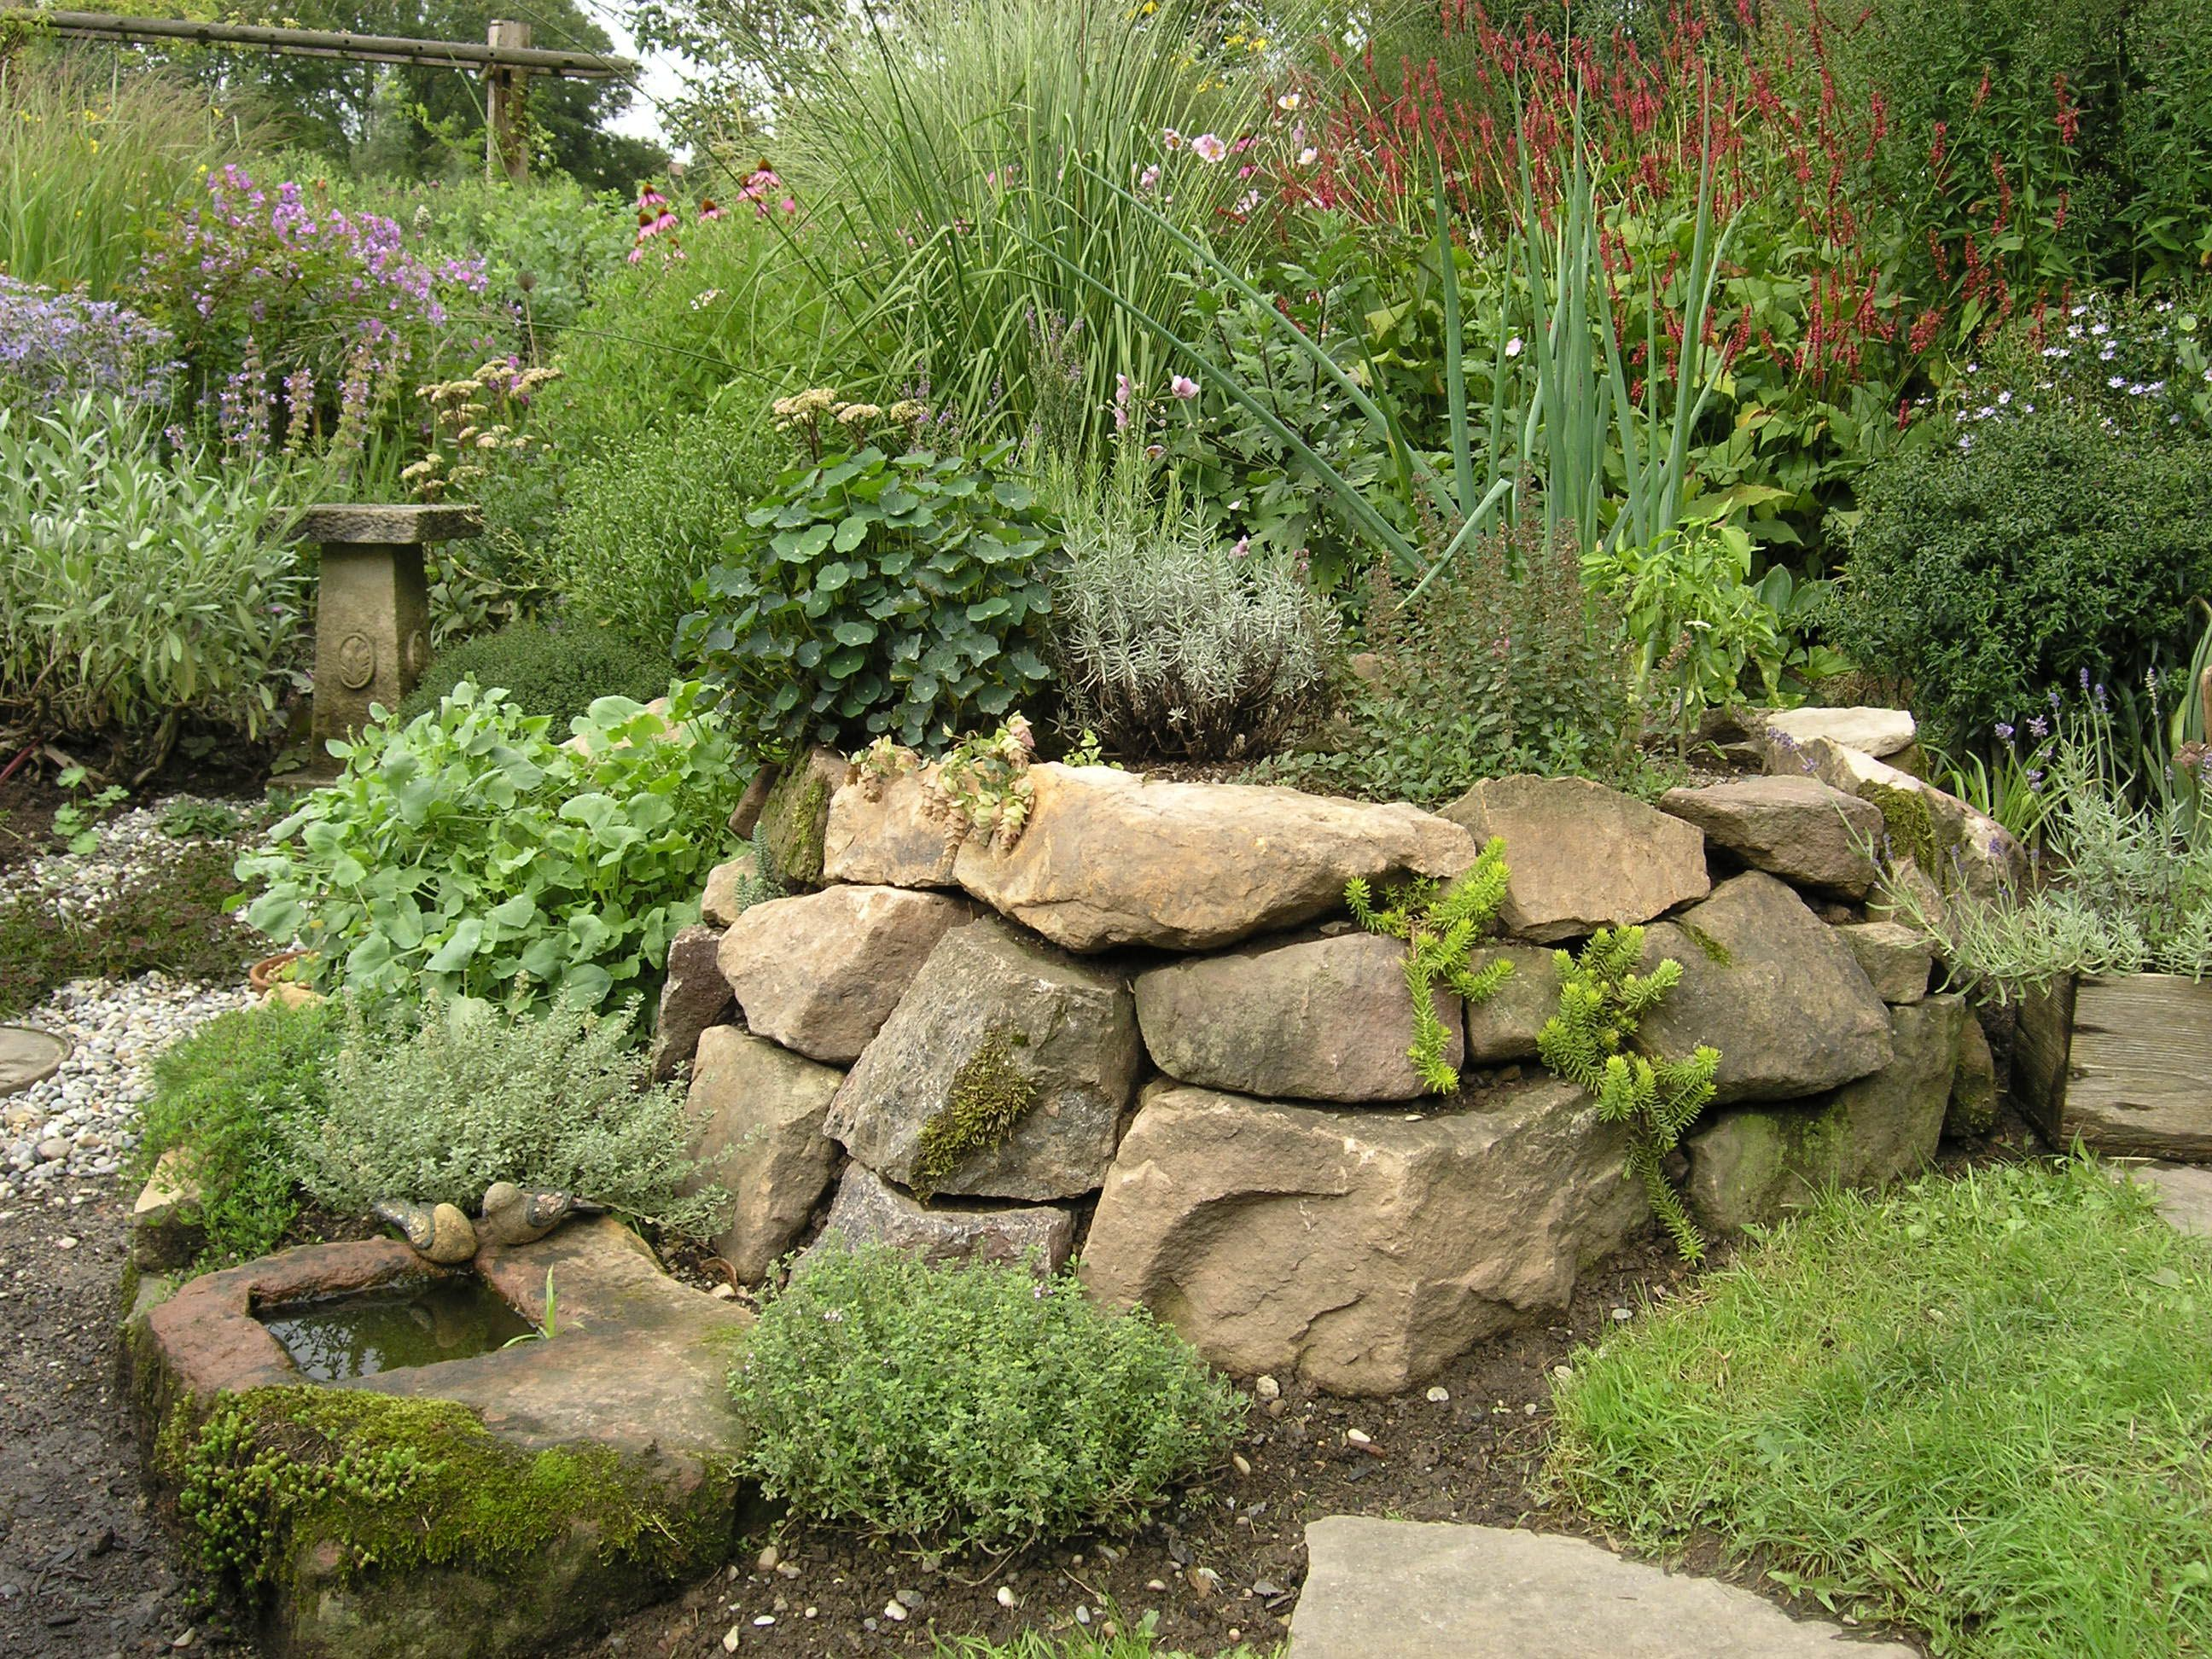 naturnaher garten: trockenmauer | garten | pinterest | gardens, Garten Ideen